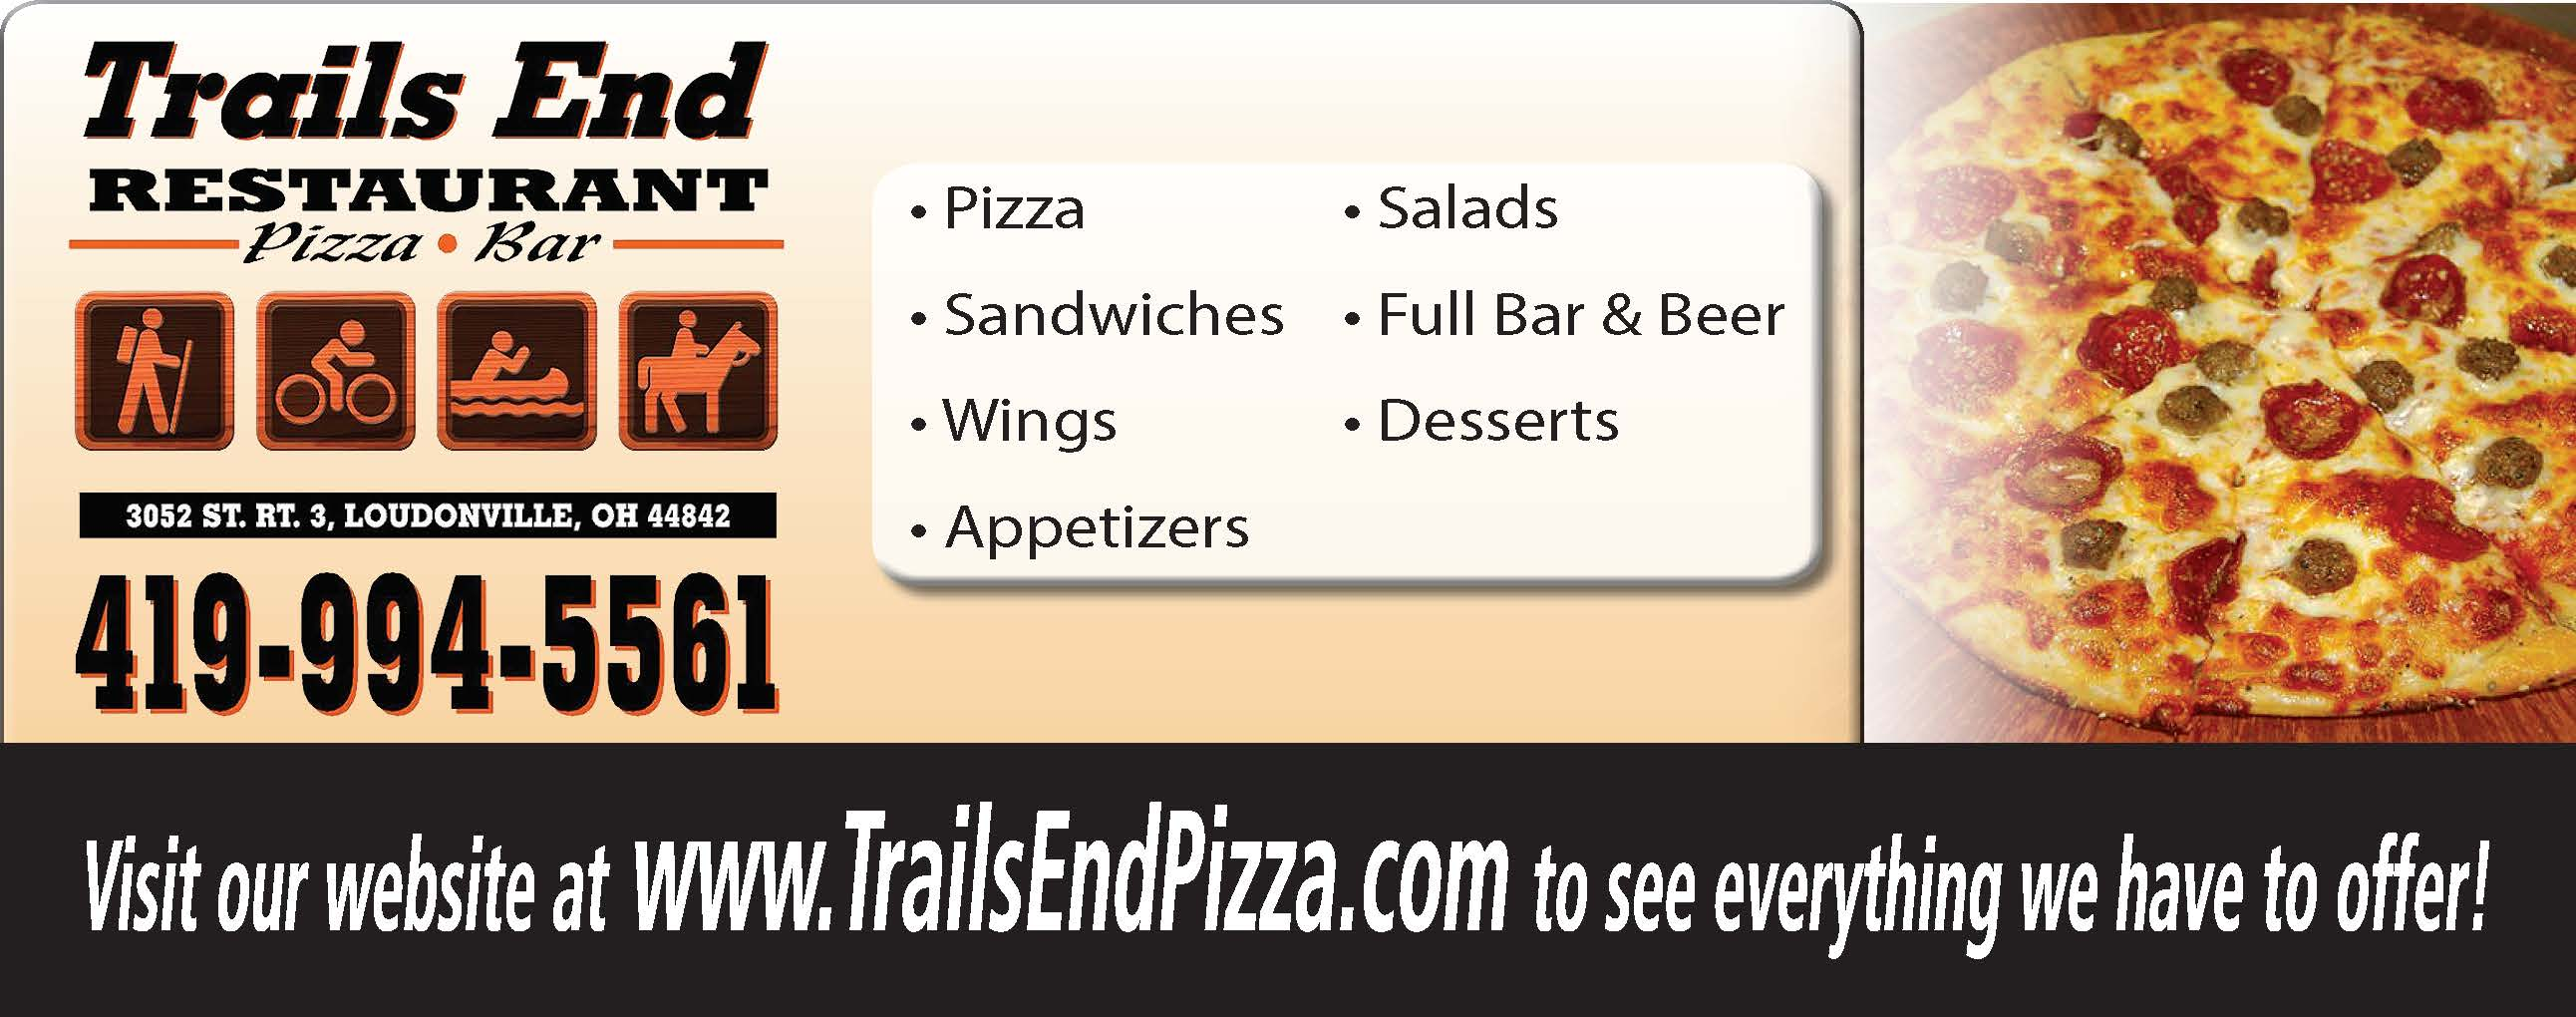 TrailsEndRestaurant